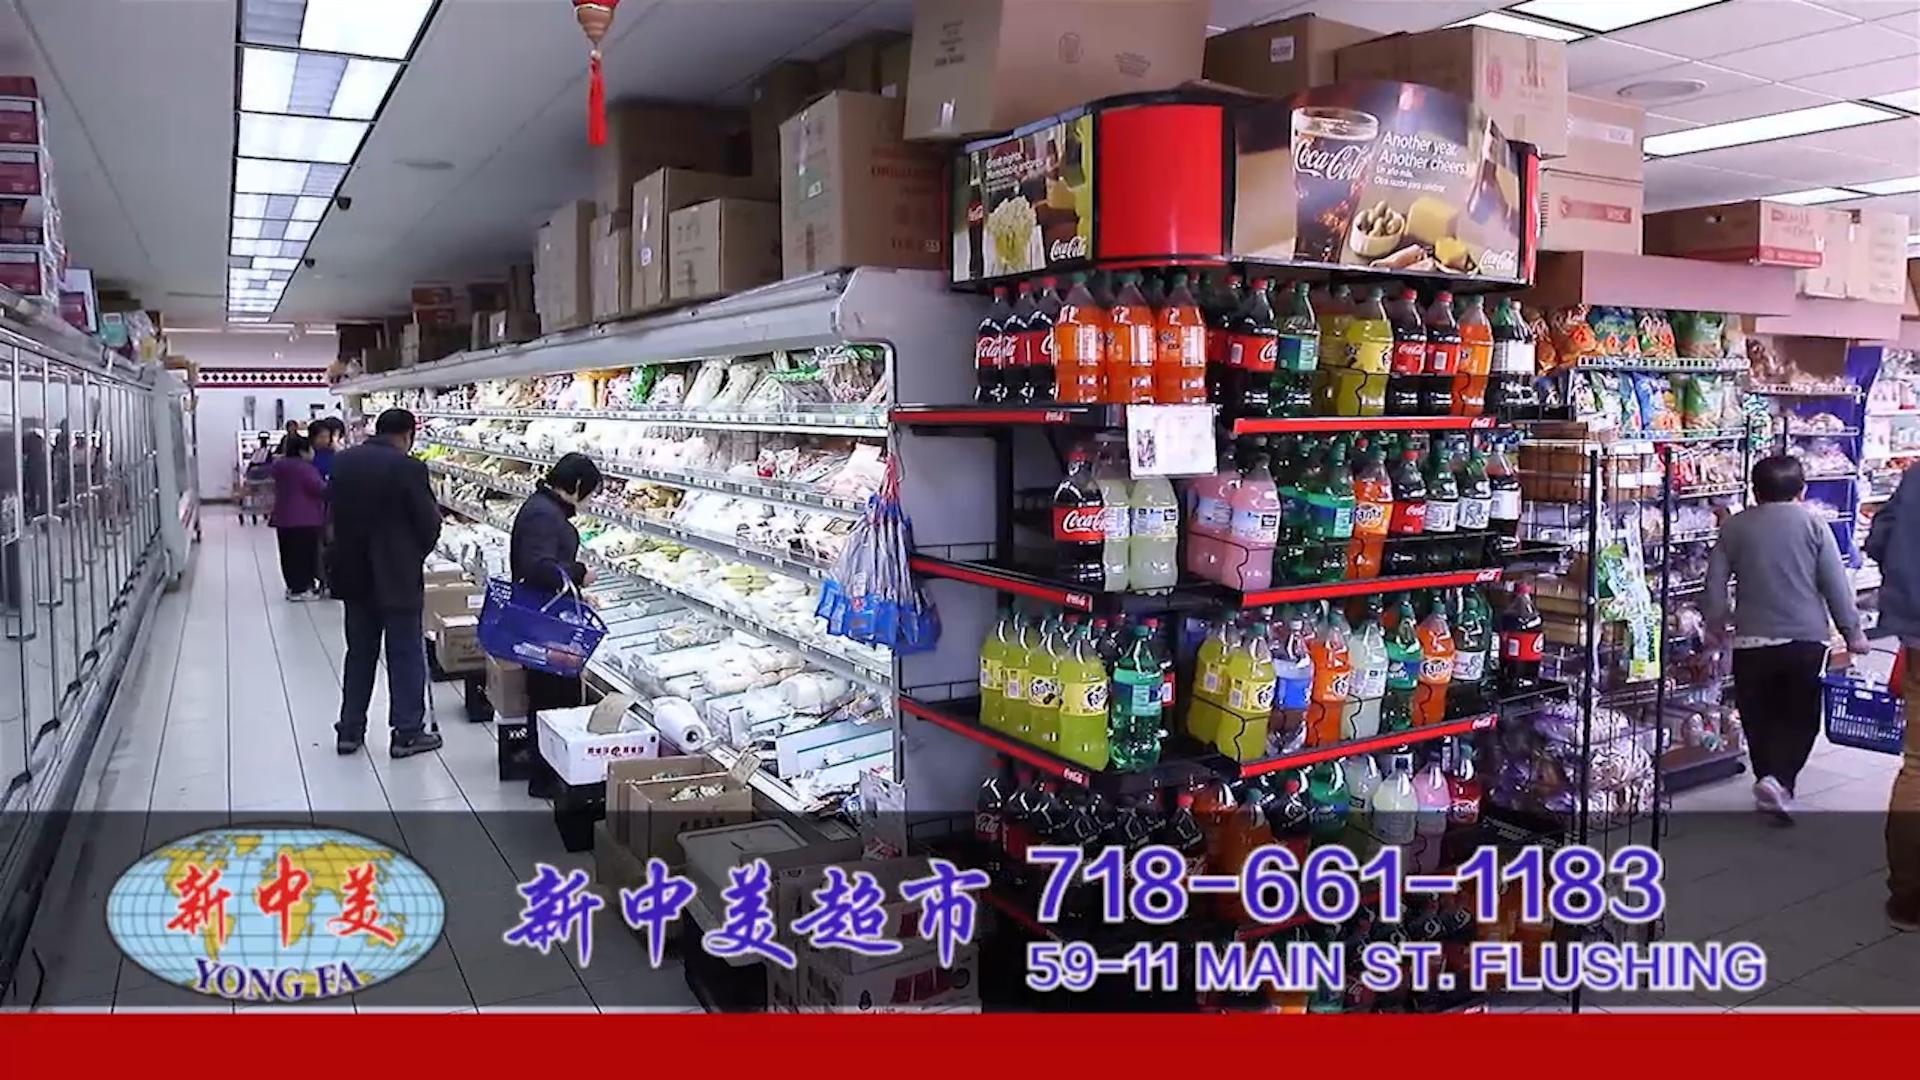 【视频】纽约法拉盛新中美超级市场推出购物卡优惠